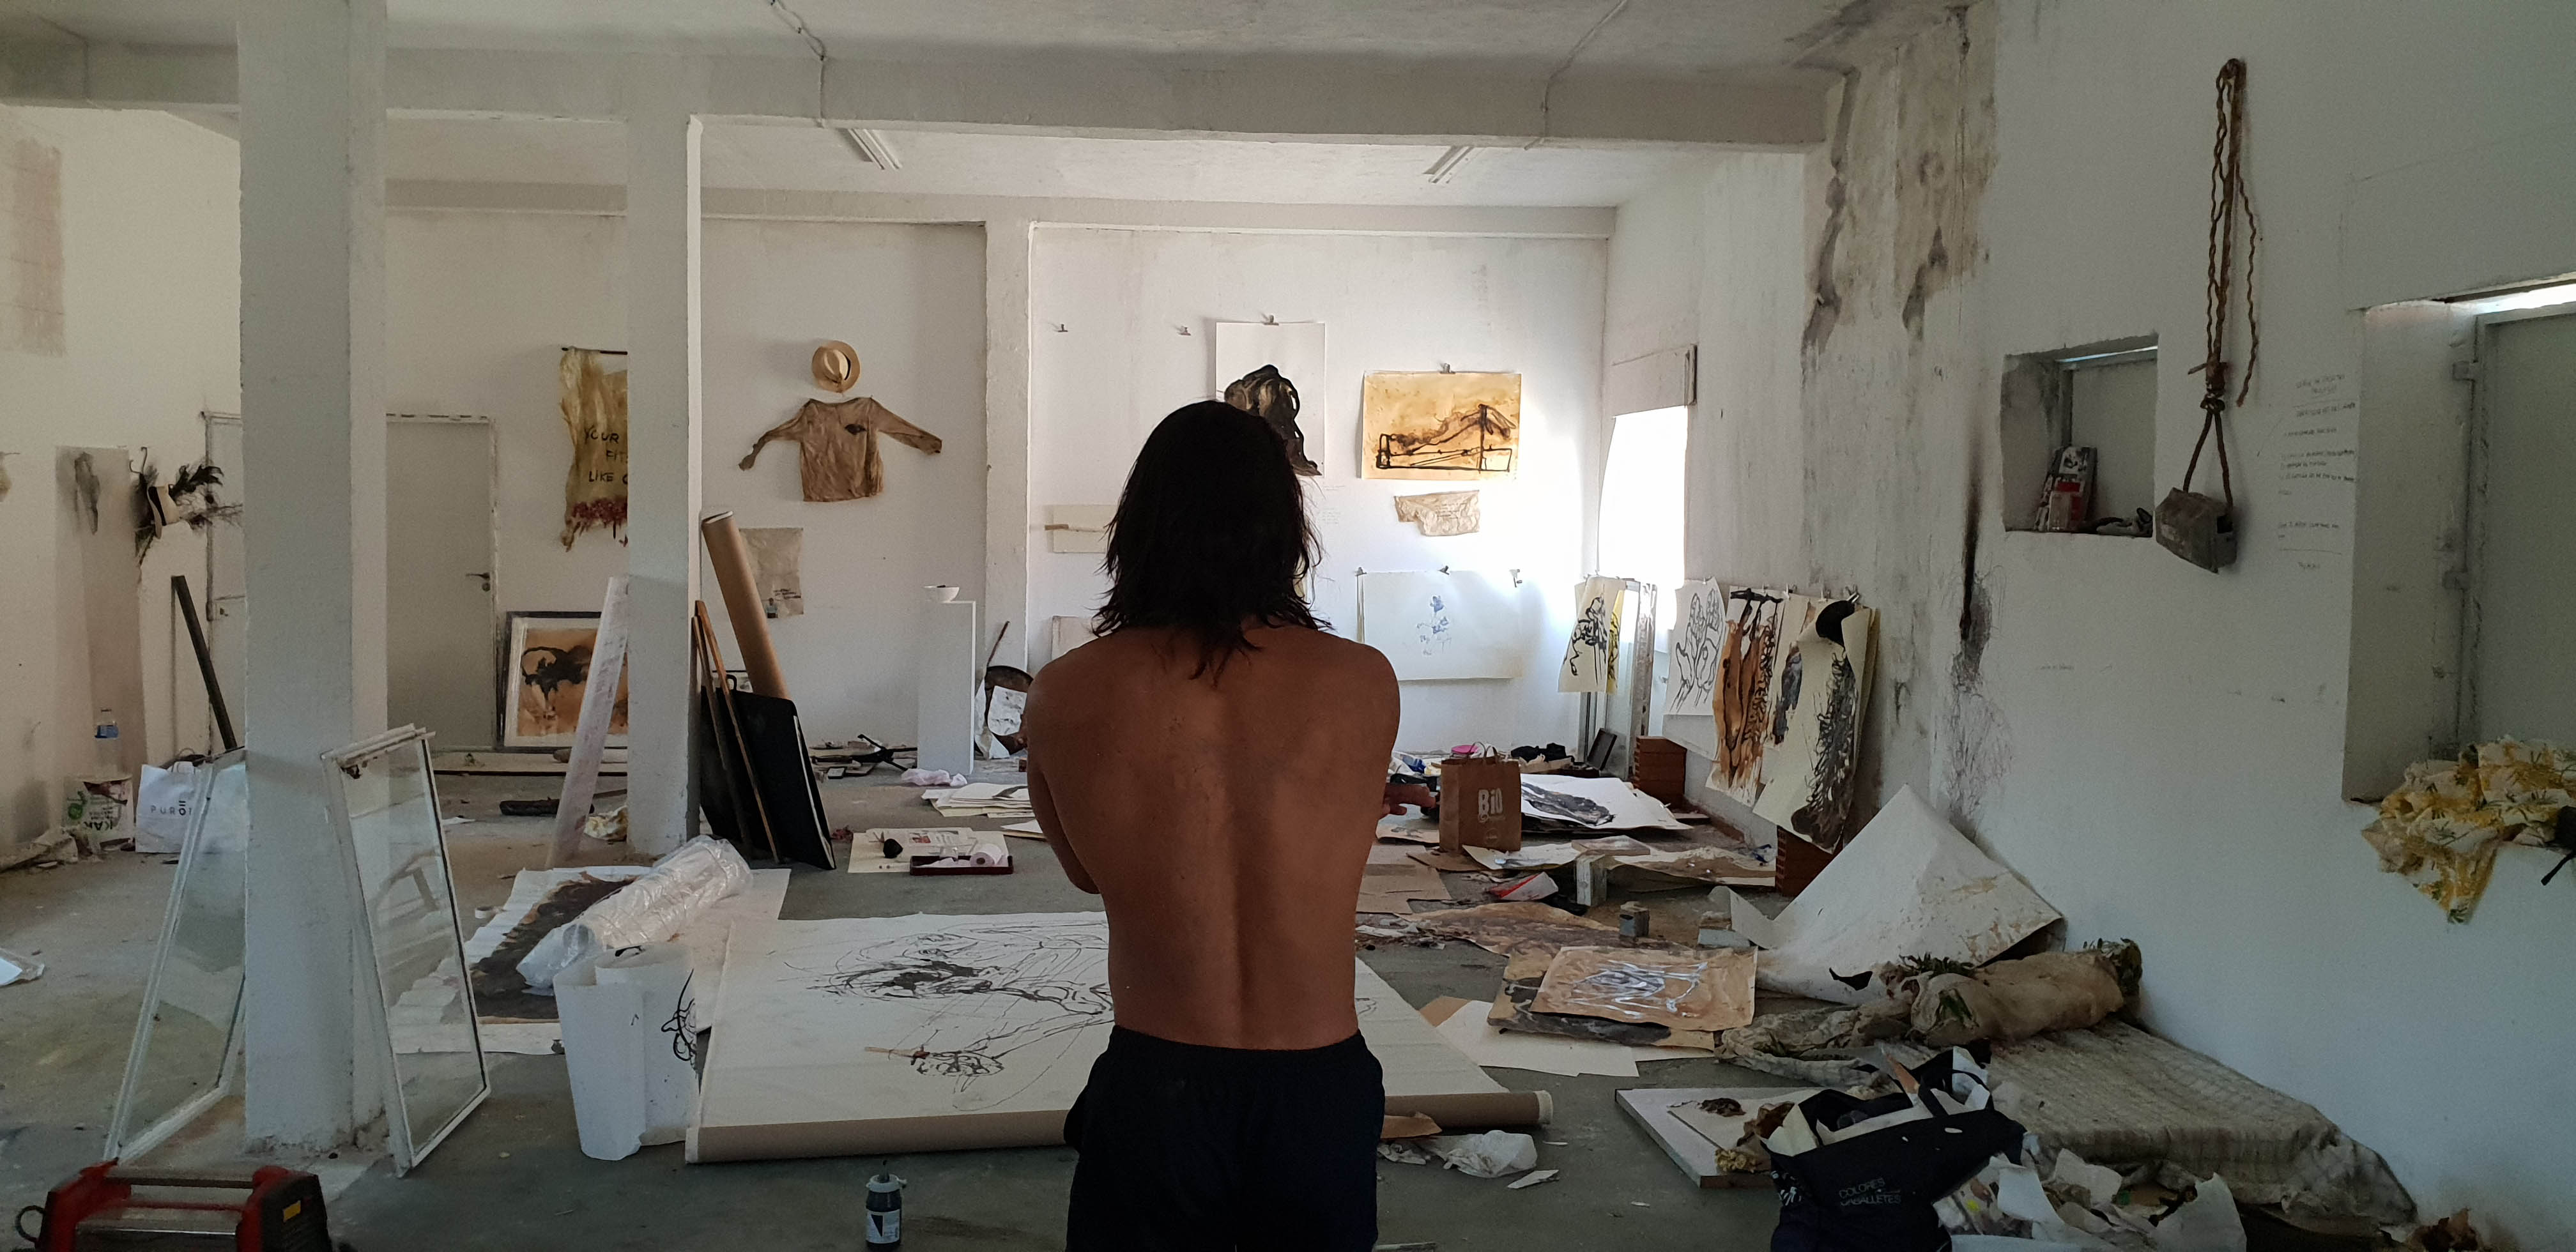 Andreas en su estudio en Zapadores